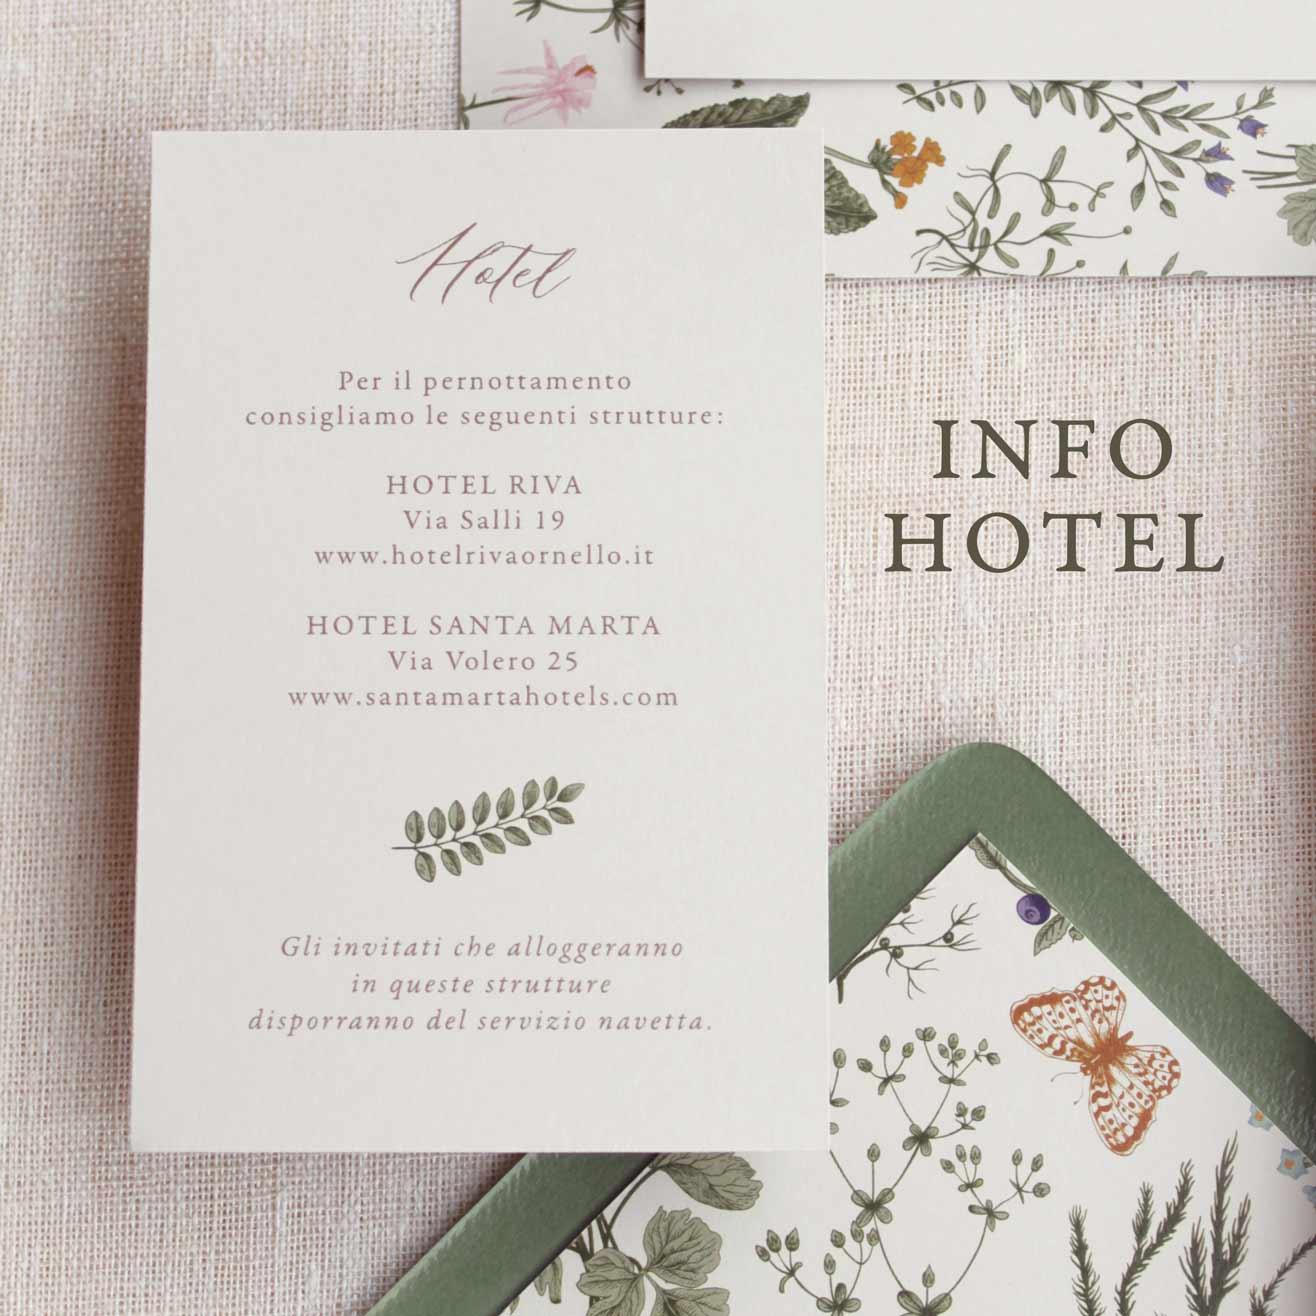 Partecipazioni-invito-nozze-matrimonio-fiori-verde-ulivo-margherite-flower-wedding-Invito-hotel-informazioni-pernottamento